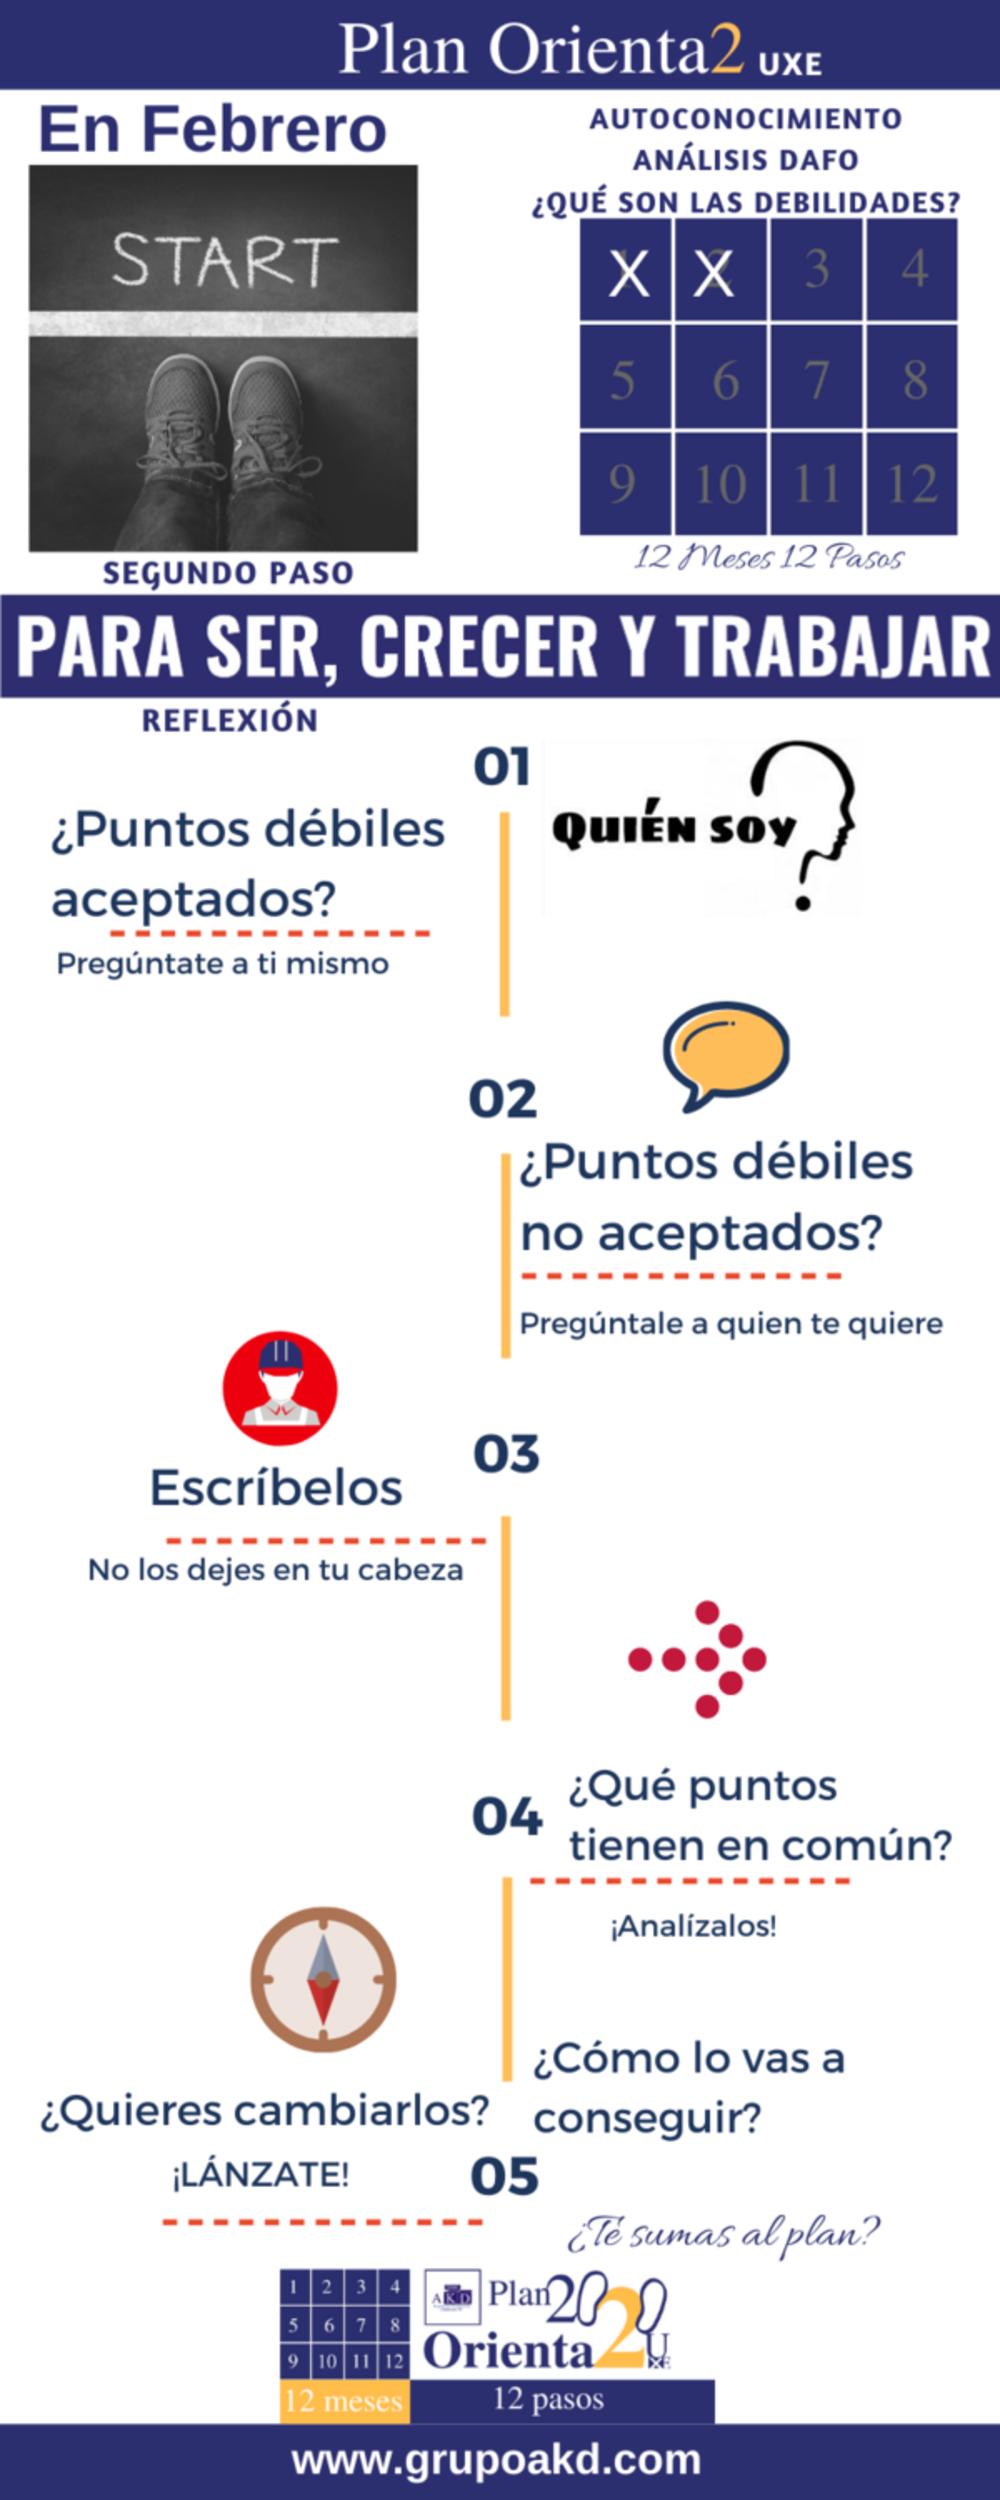 Análisis DAFO ¿Qué es la D? Plan Orienta2 para Ser, Crecer y Trabajar ¡Síguelo!